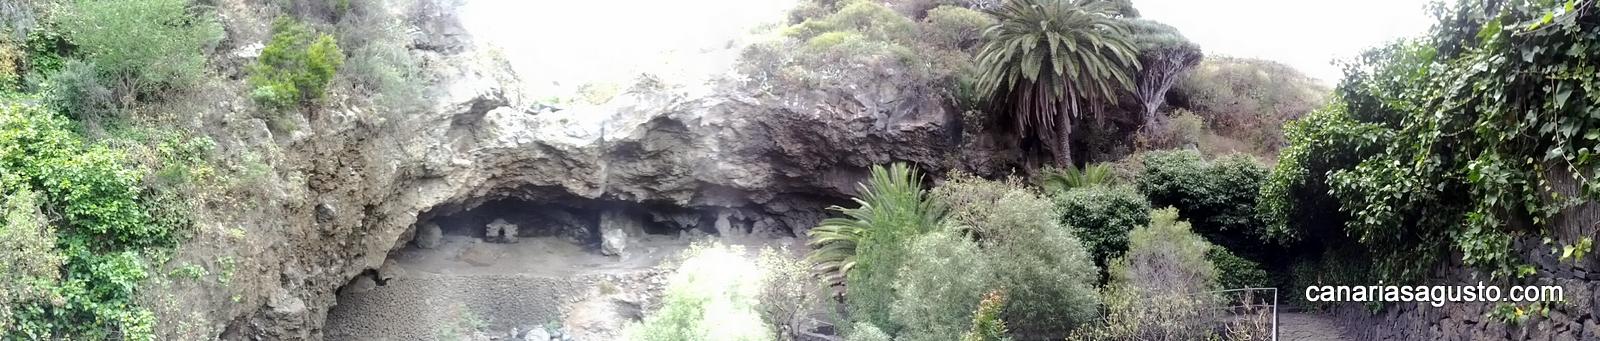 La-Palma-Islas-Canarias-Agosto-2013-87